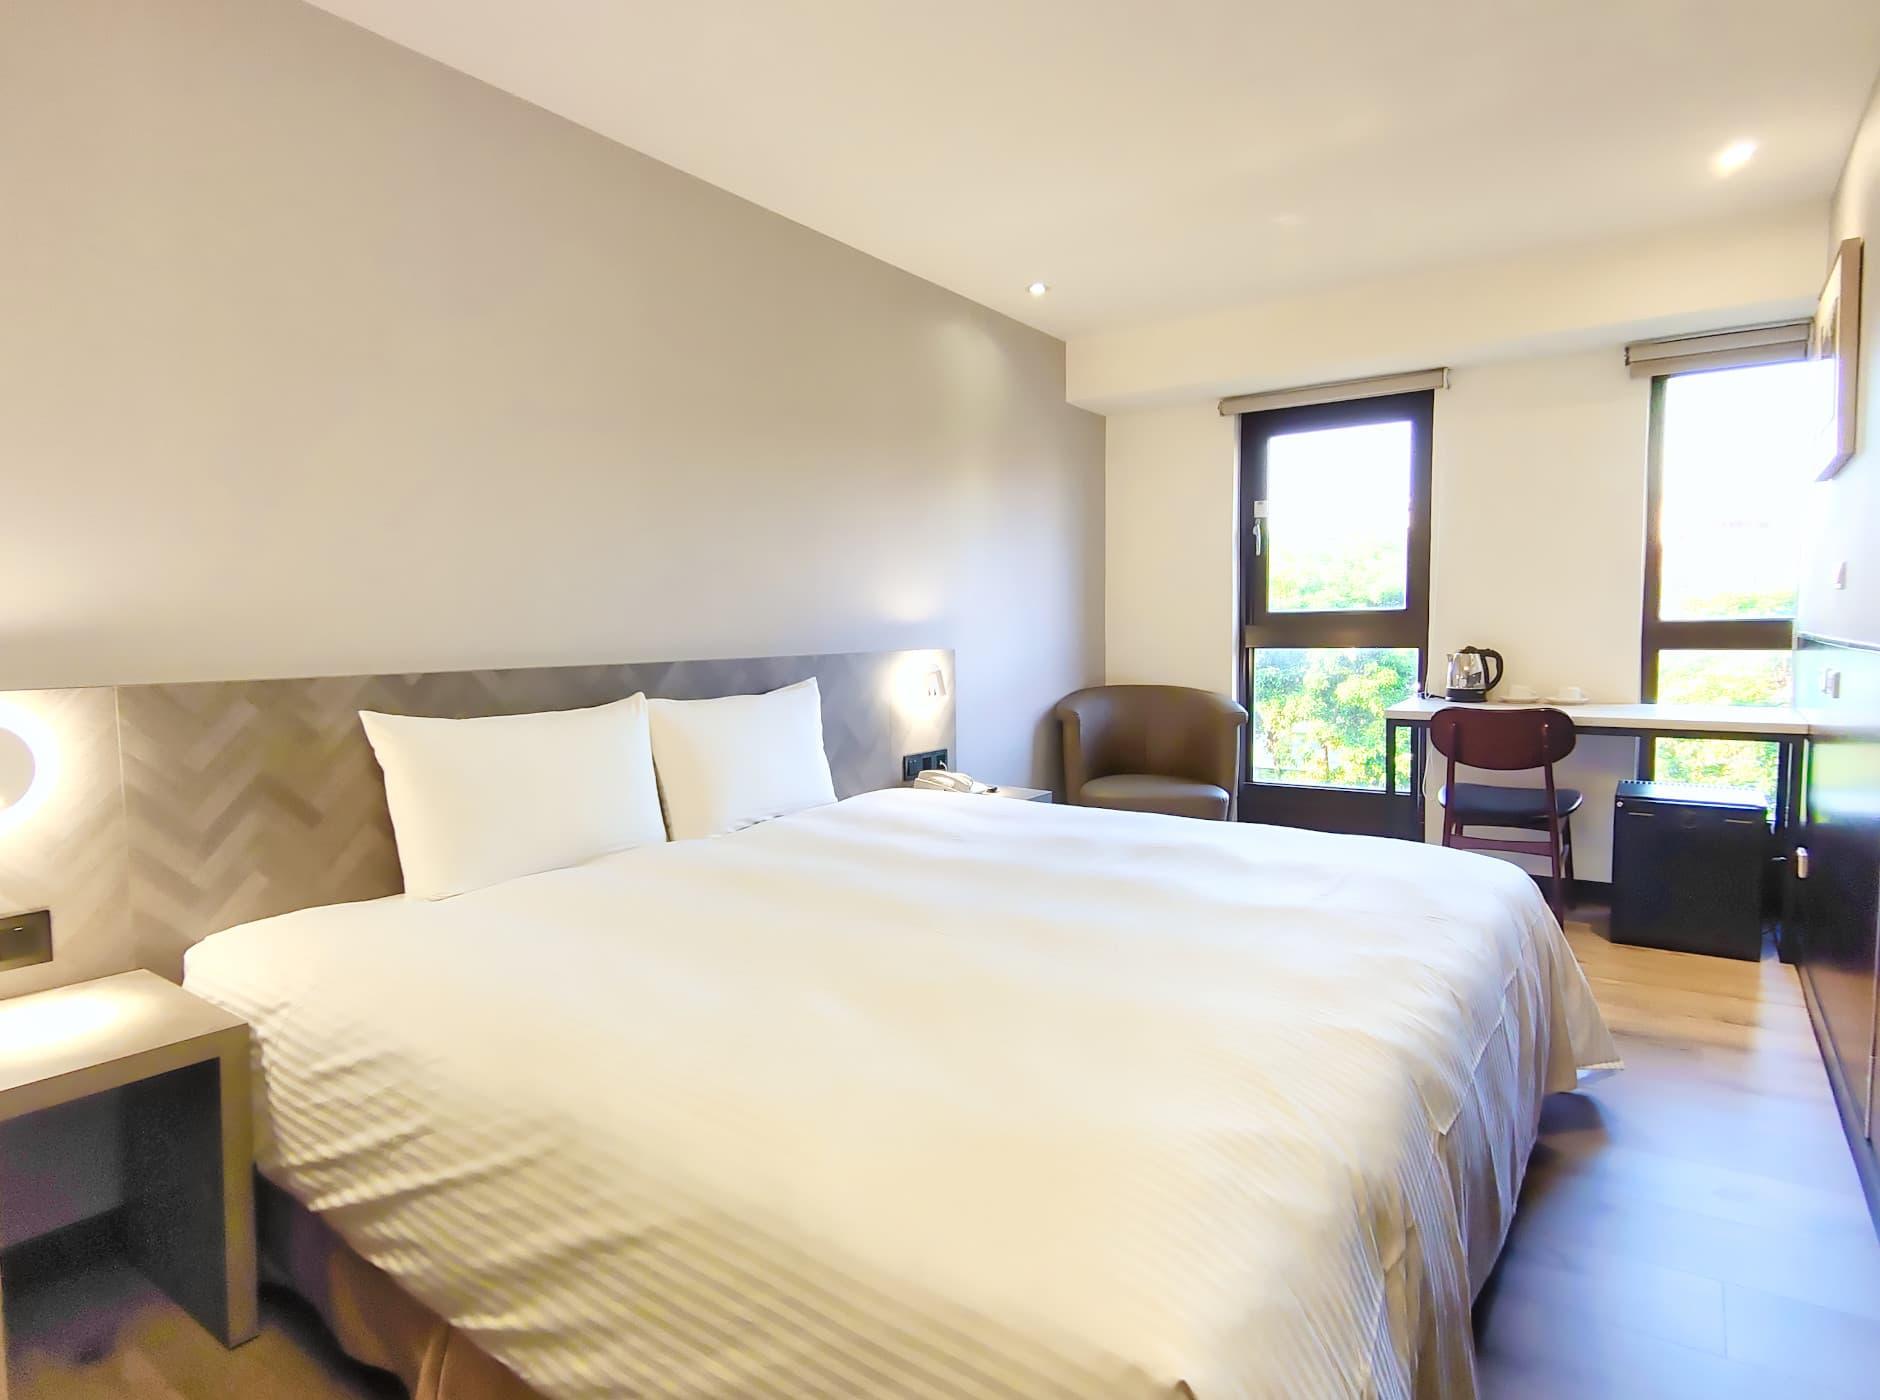 標準雙人房一大床